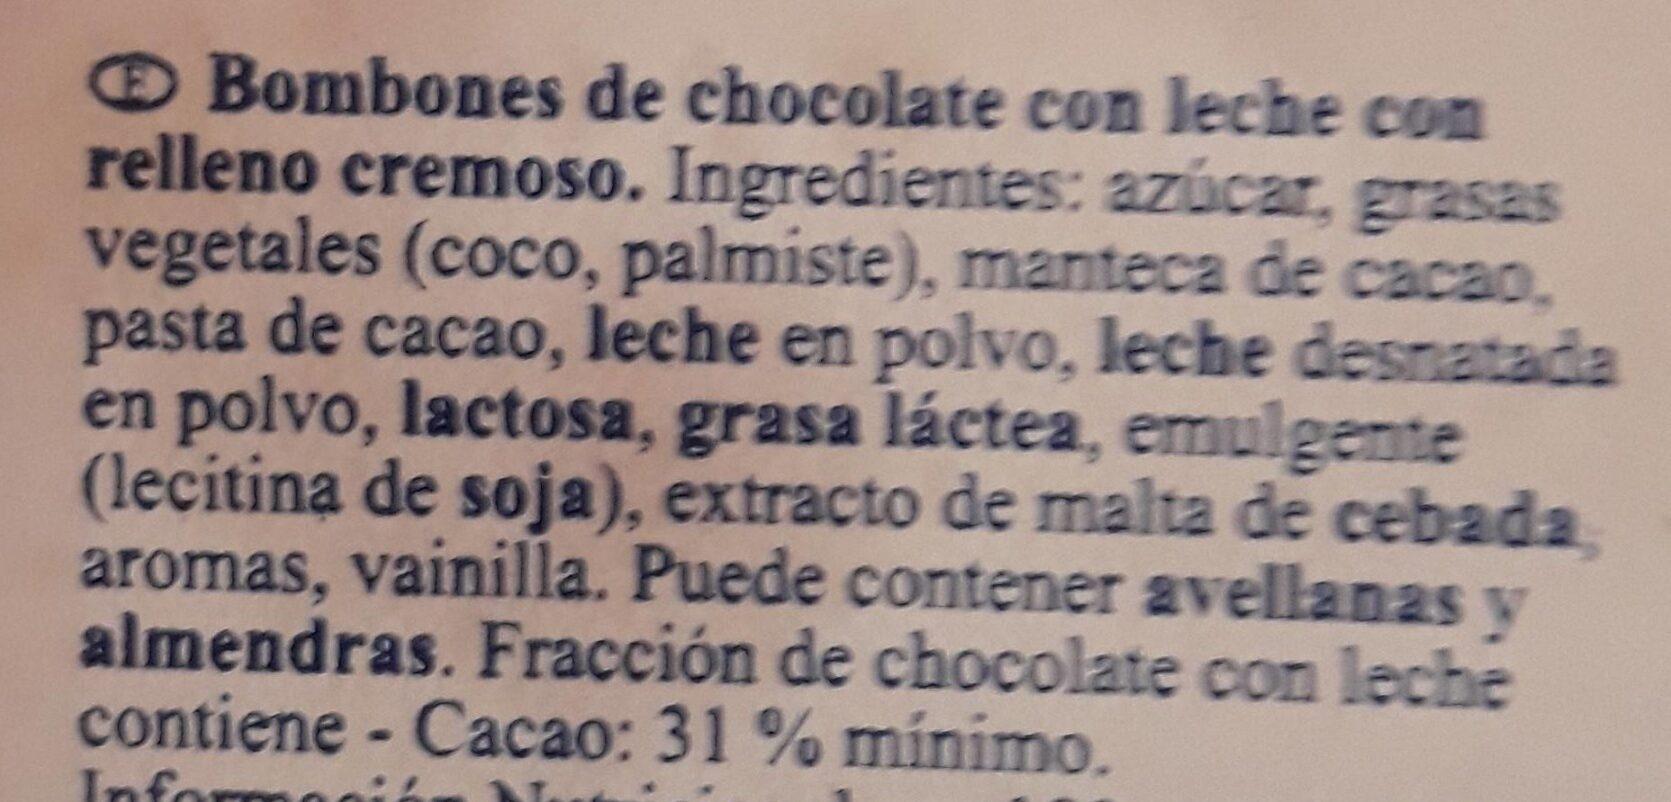 Bombones de chocolate - Ingrédients